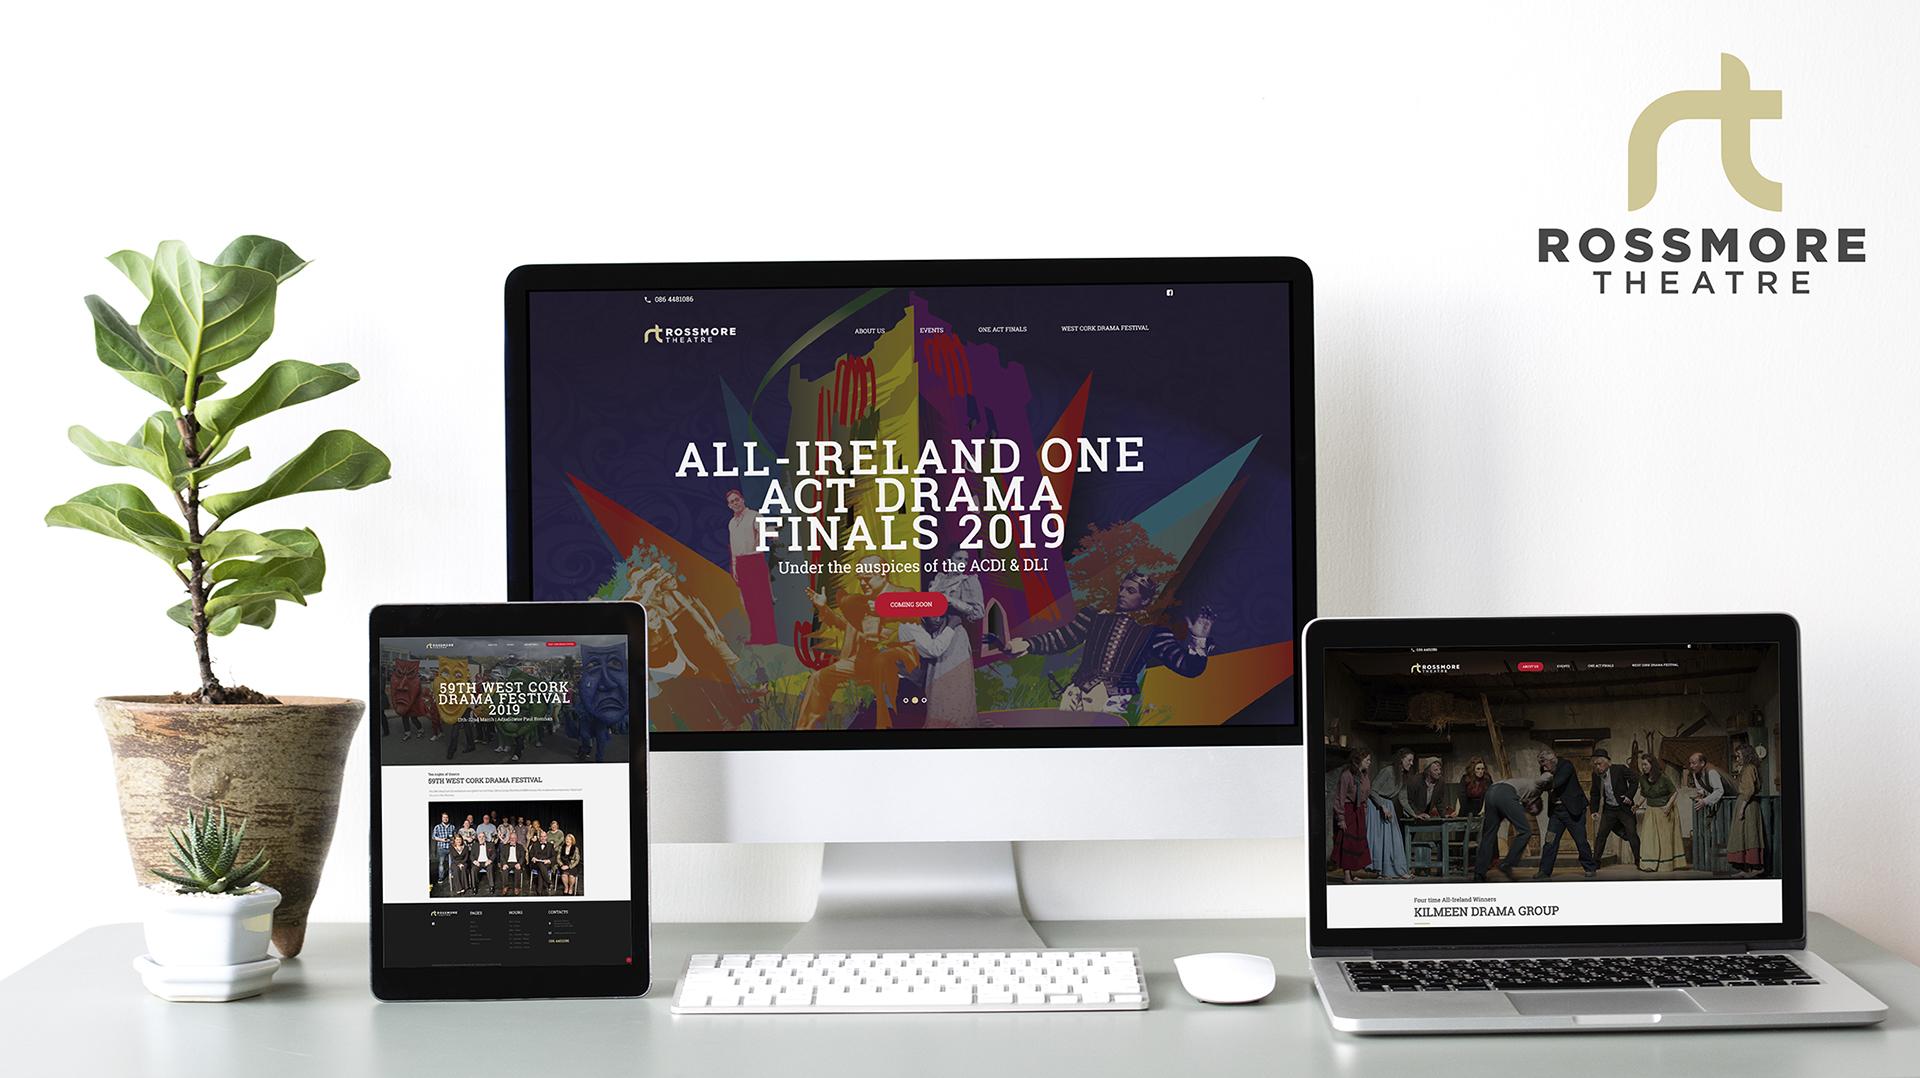 Website Rossmore Theatre